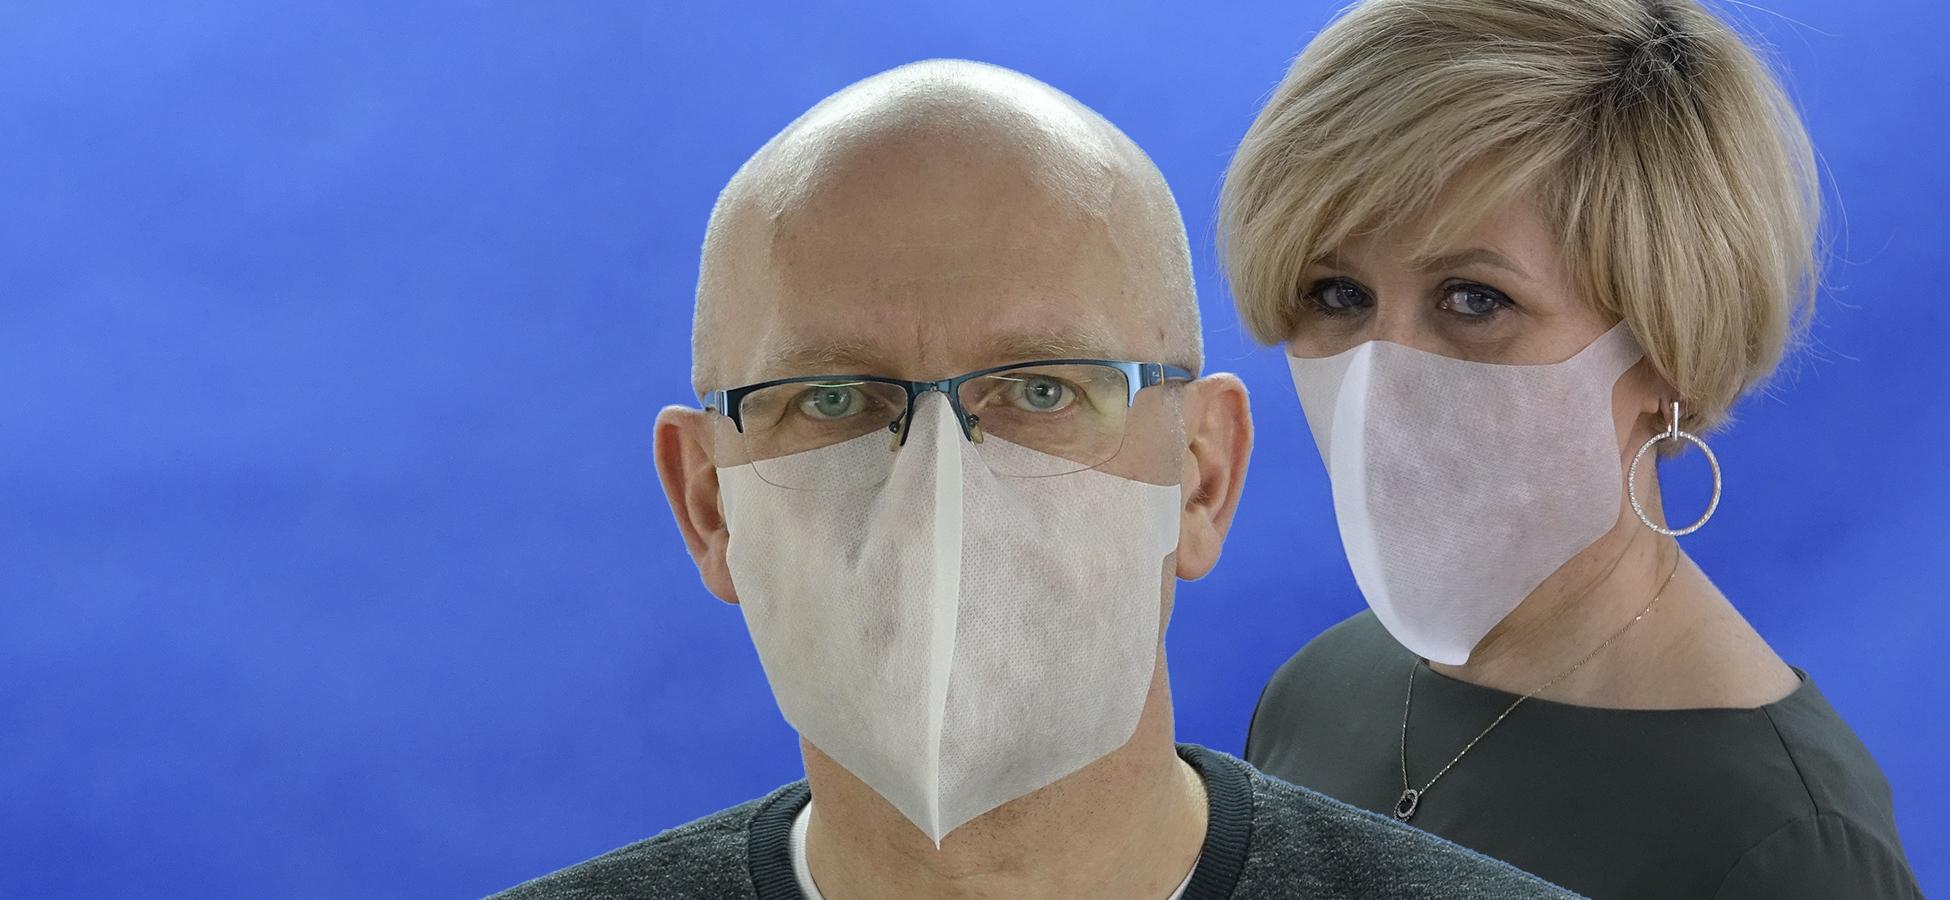 Jednorazowa maseczka ochronna –profilaktyka nie tylko na czas pandemii